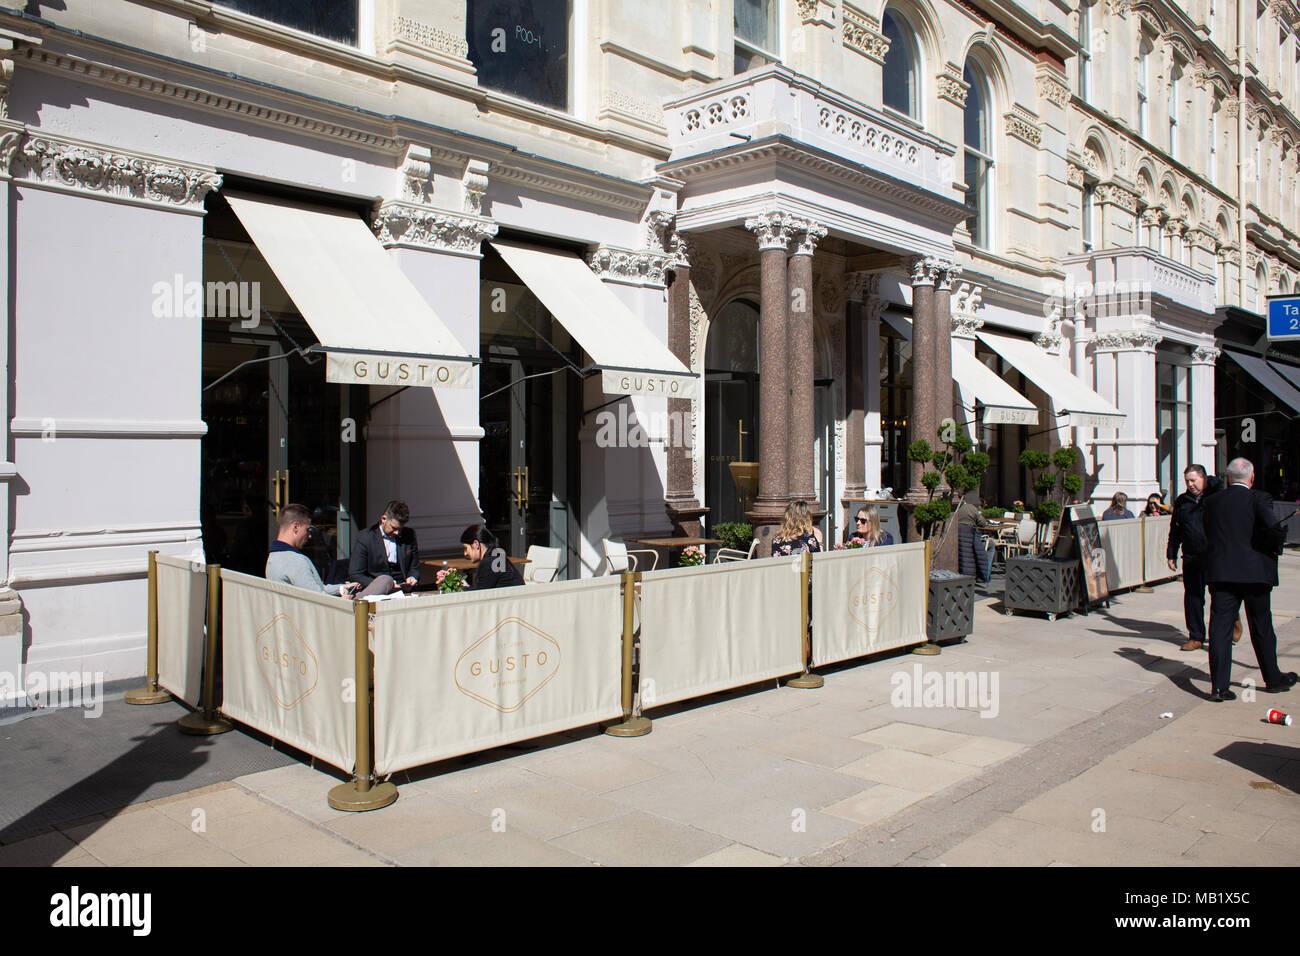 Il Gusto bar, situato nel Grand Hotel Palazzo, Colmore Row, Birmingham City Centre, Regno Unito Immagini Stock